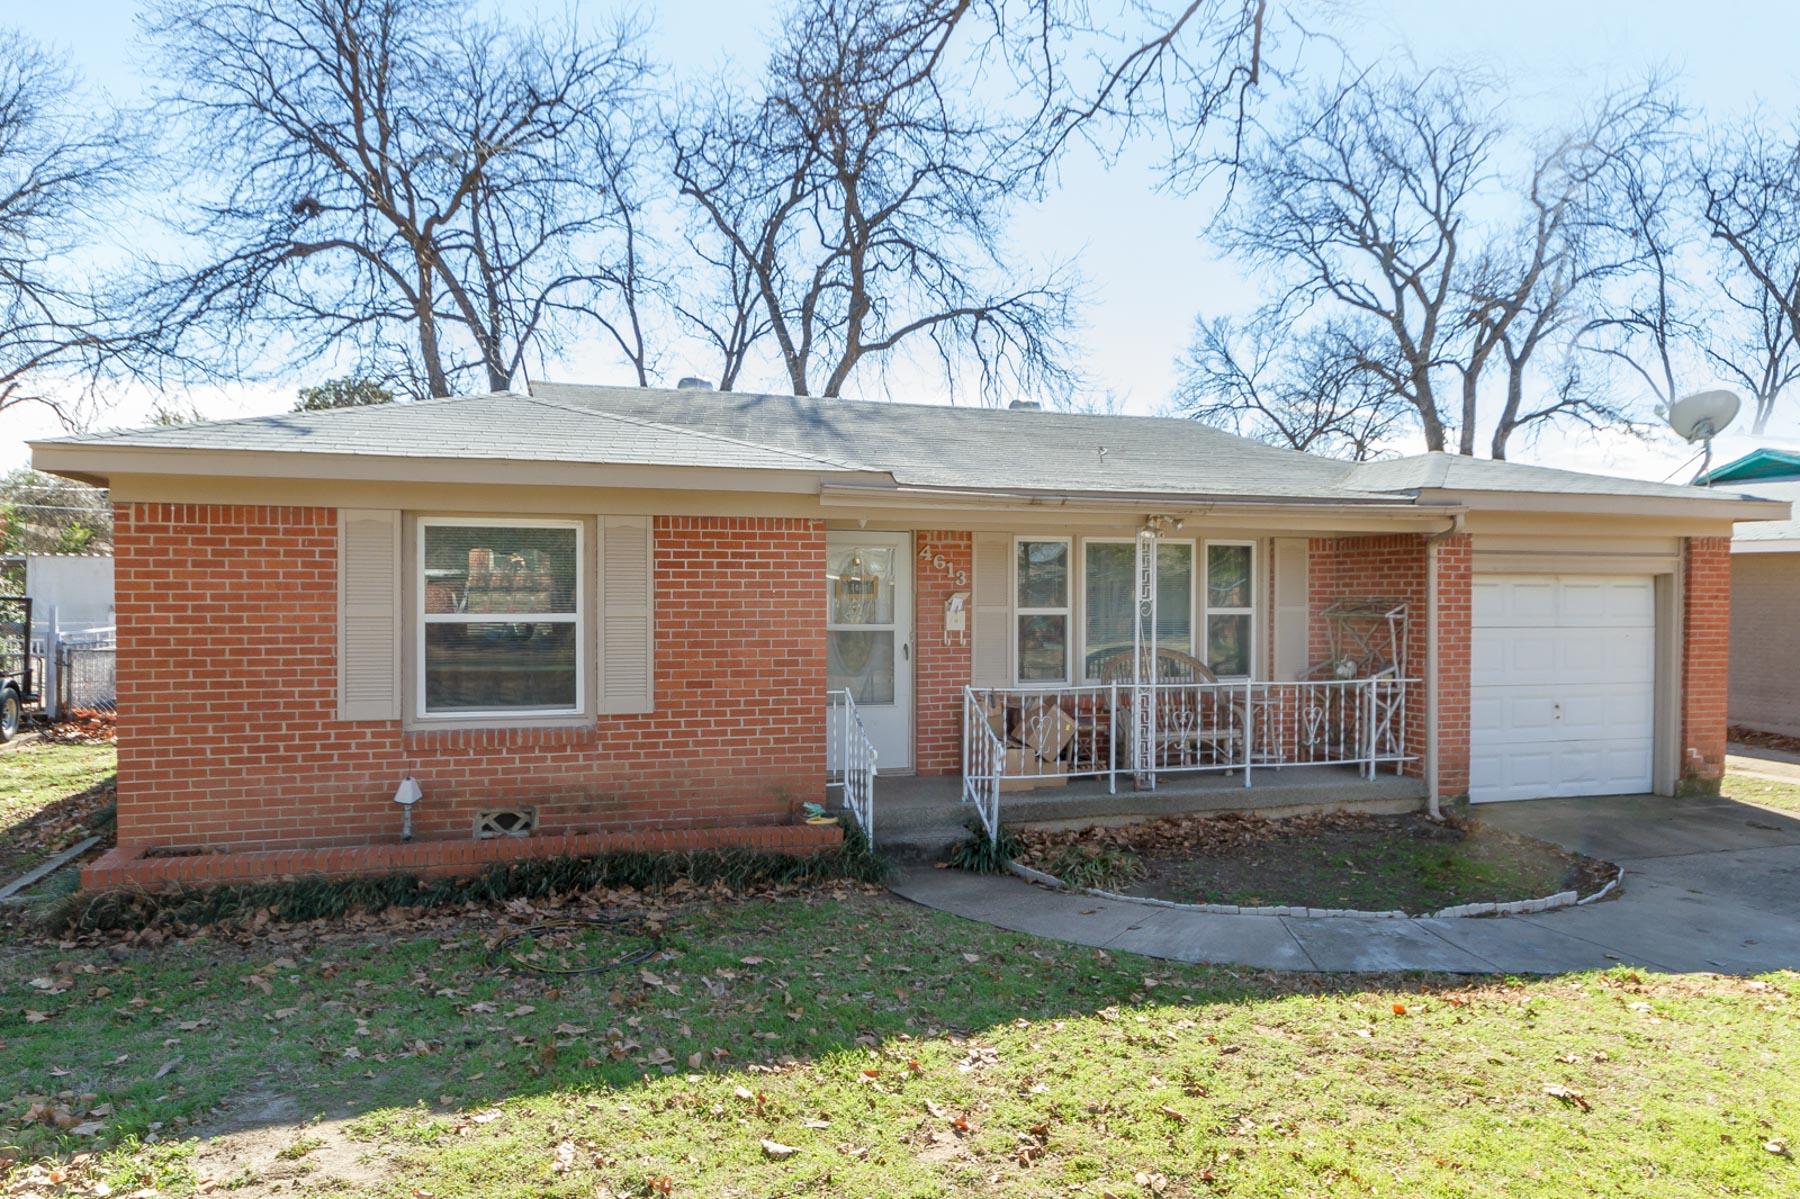 Einfamilienhaus für Verkauf beim Lovely 2 Bed 2 Bath with Large Backyard 4613 Custer Dr Fort Worth, Texas, 76114 Vereinigte Staaten